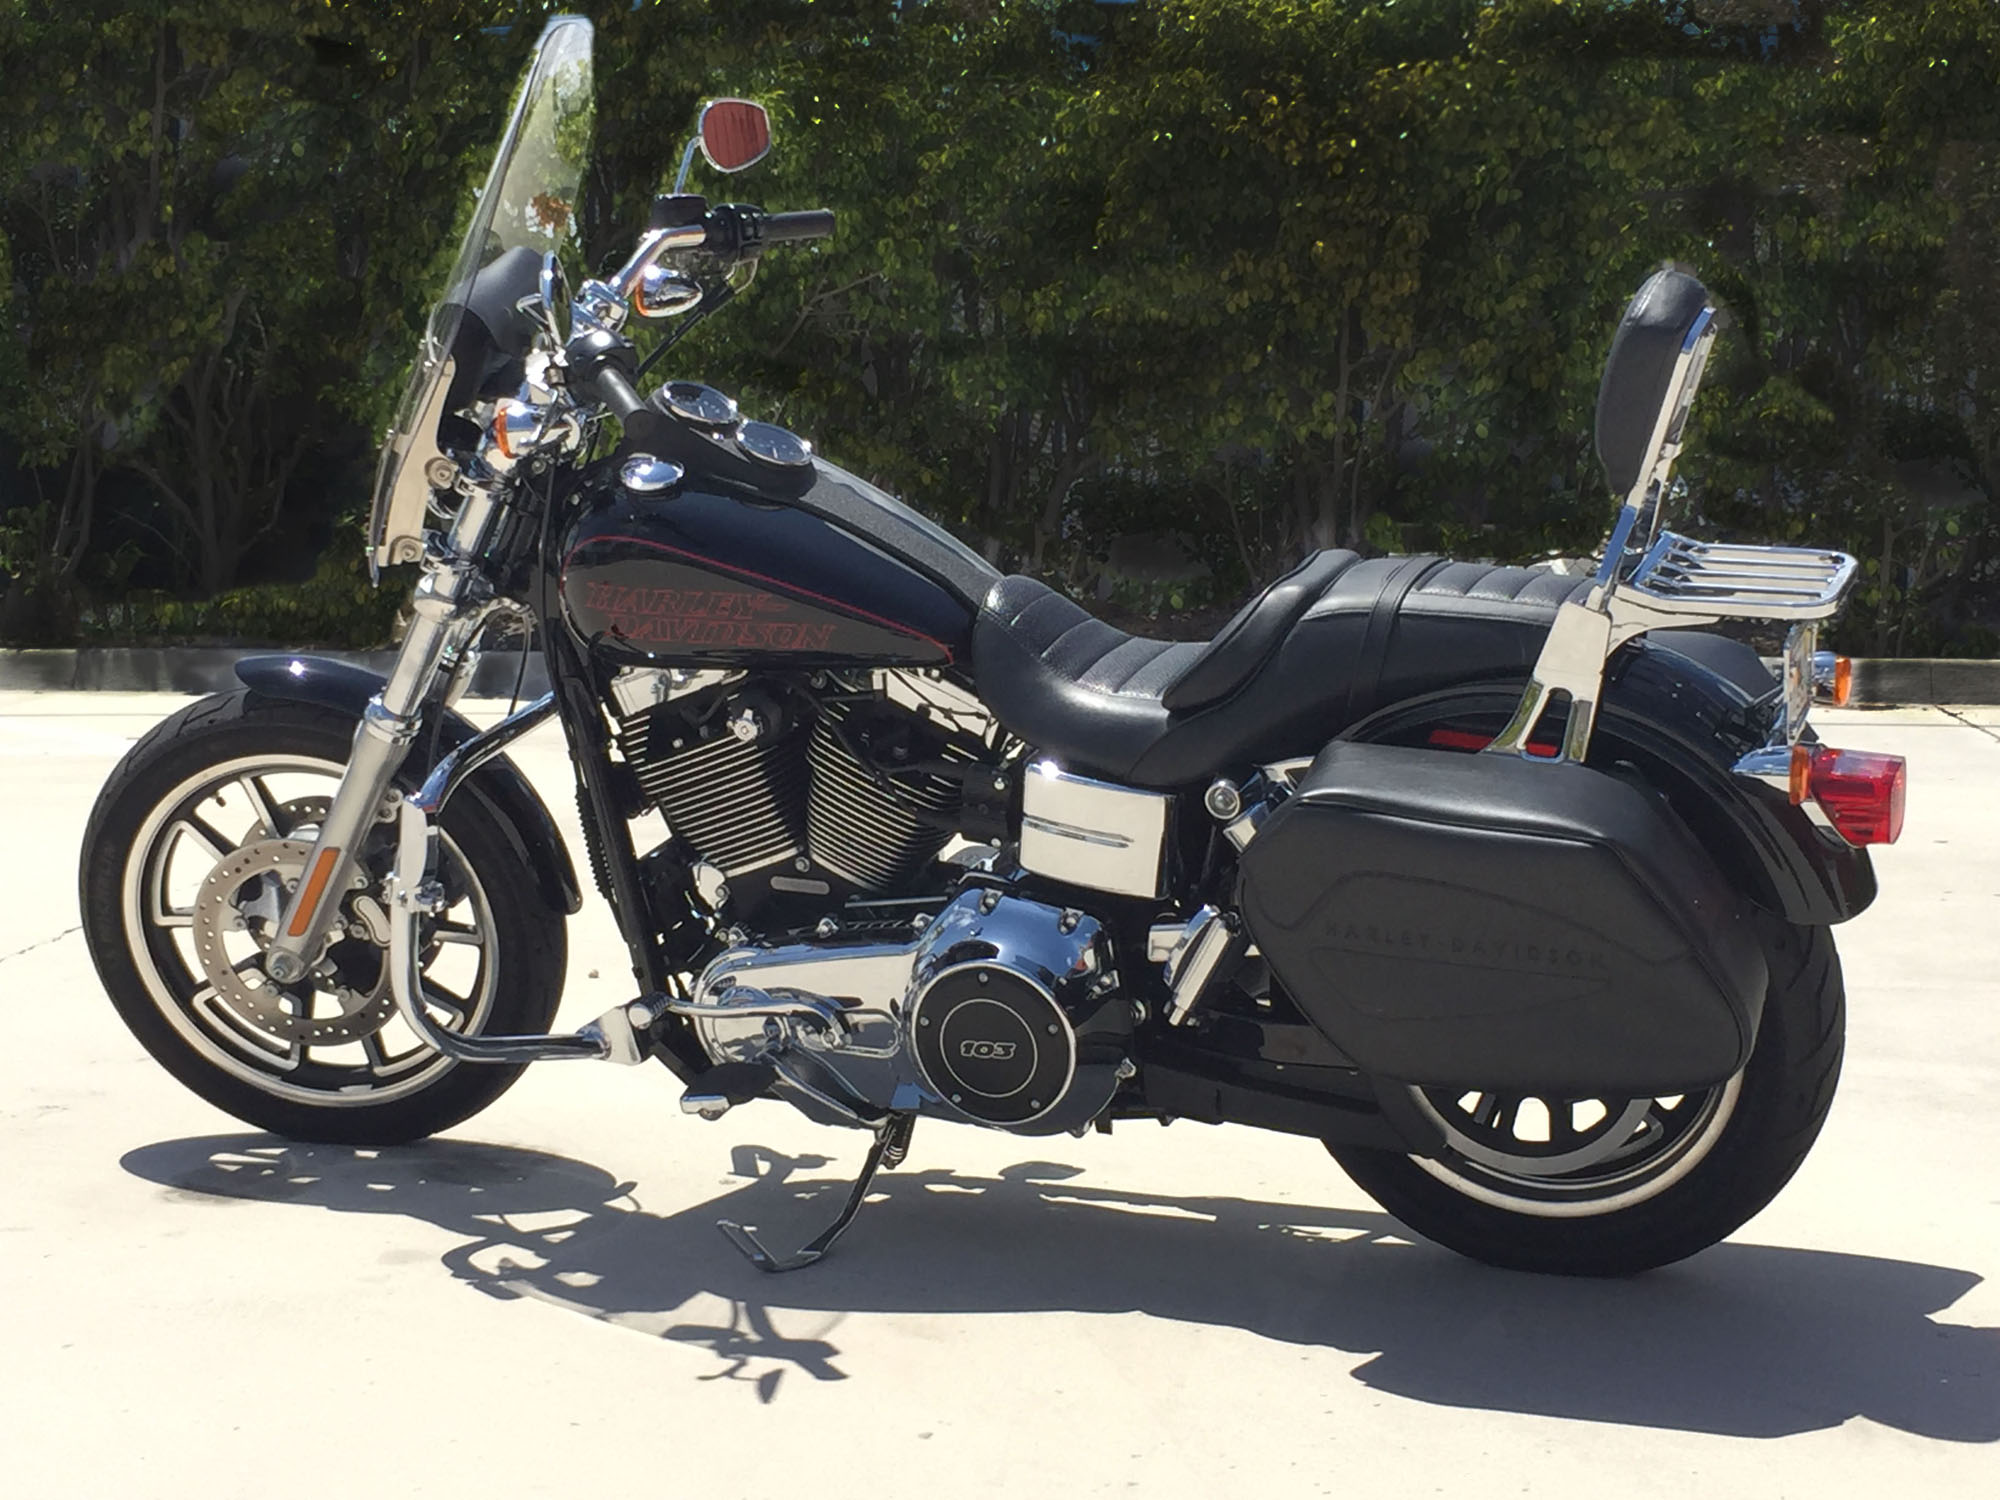 West Palm Beach Harley Davidson Rentals